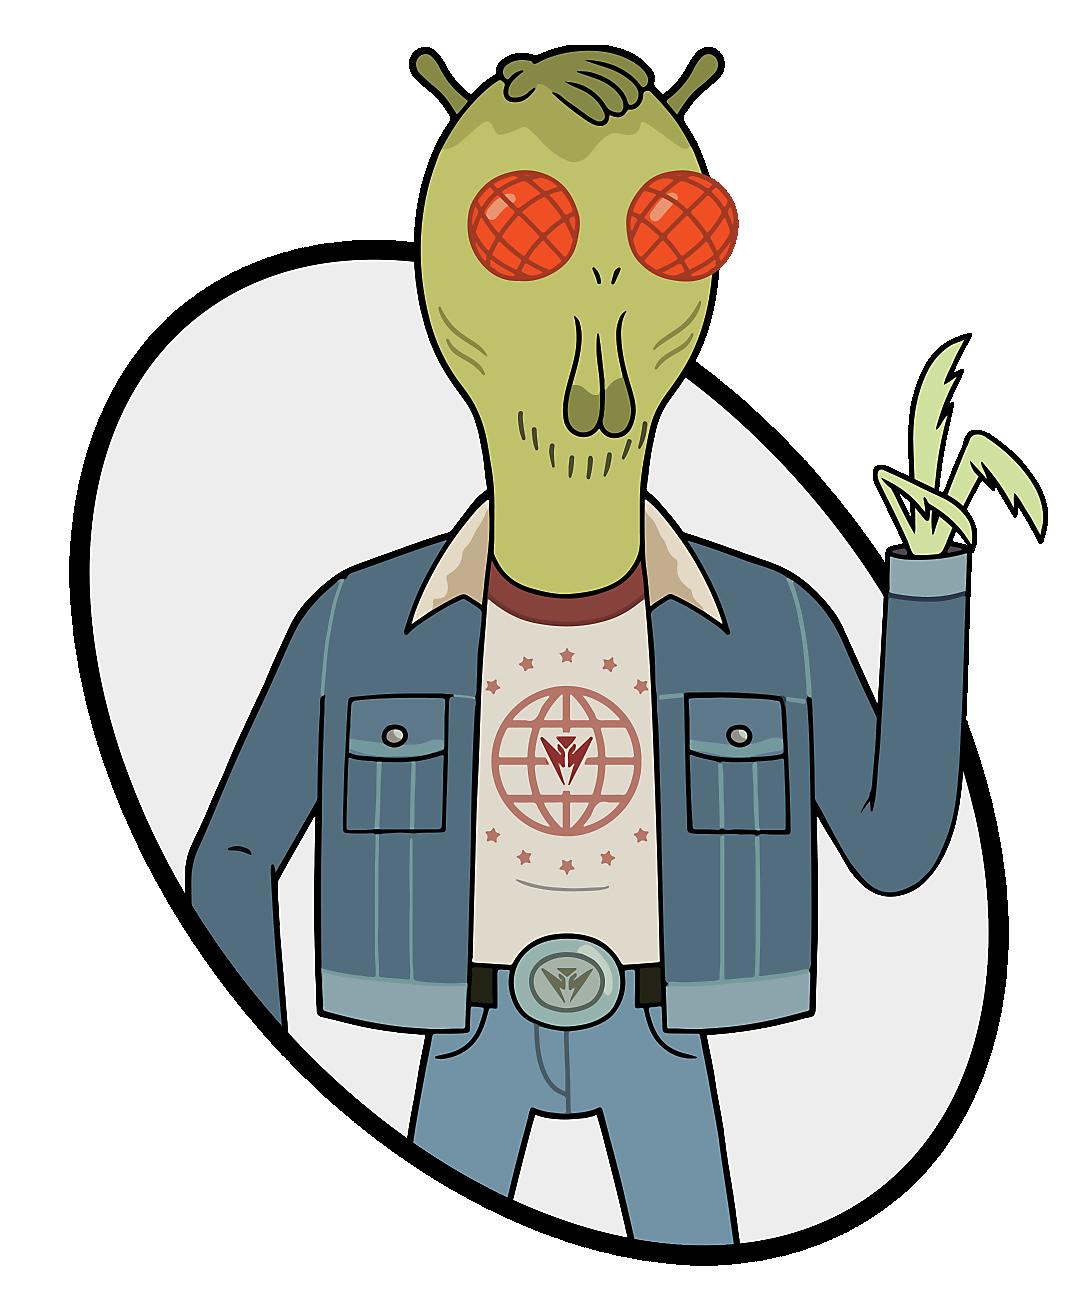 Alien with Jean Jacket